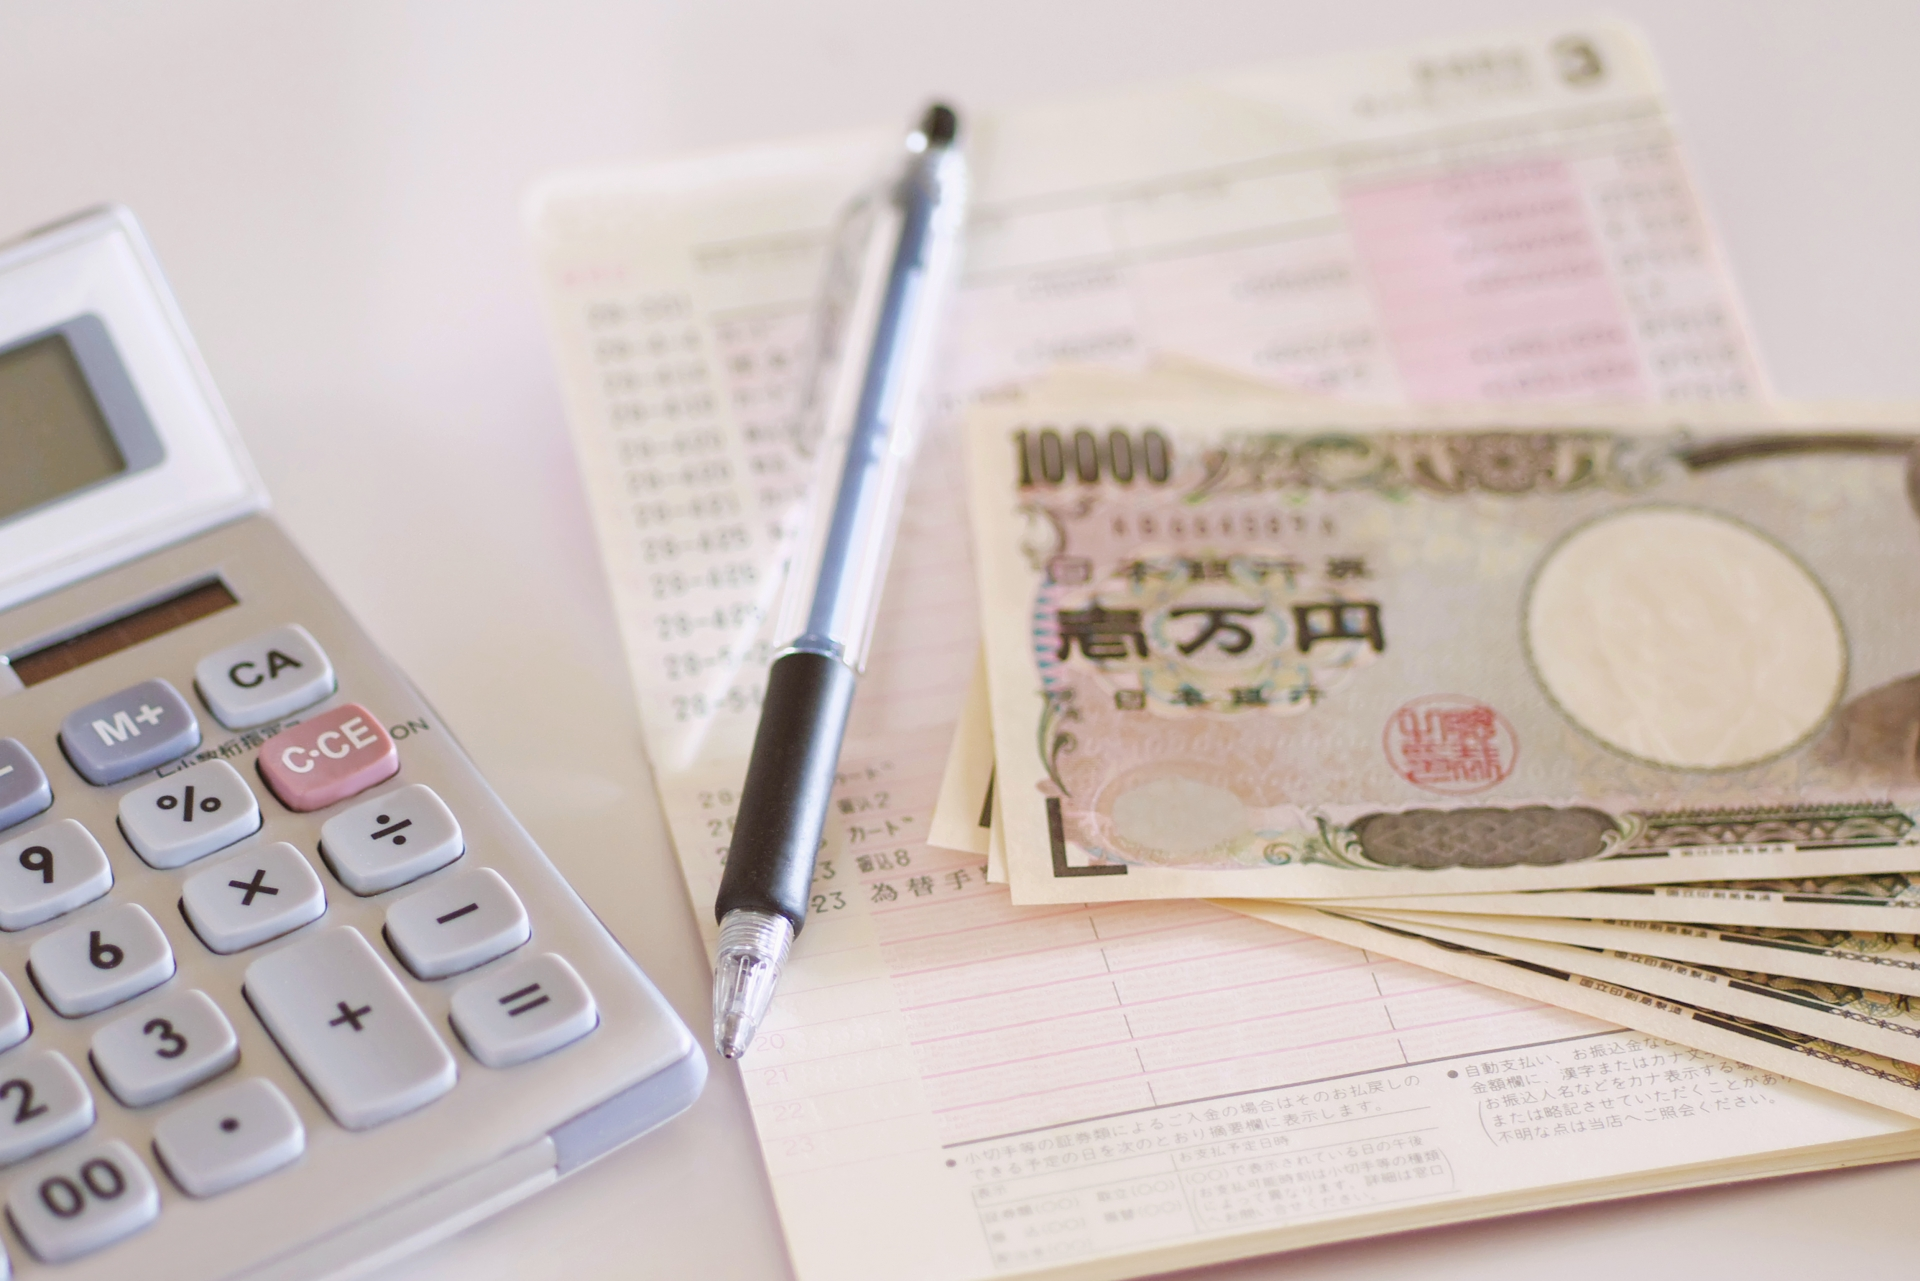 事業承継でかかる費用や手数料の相場、補助金を紹介